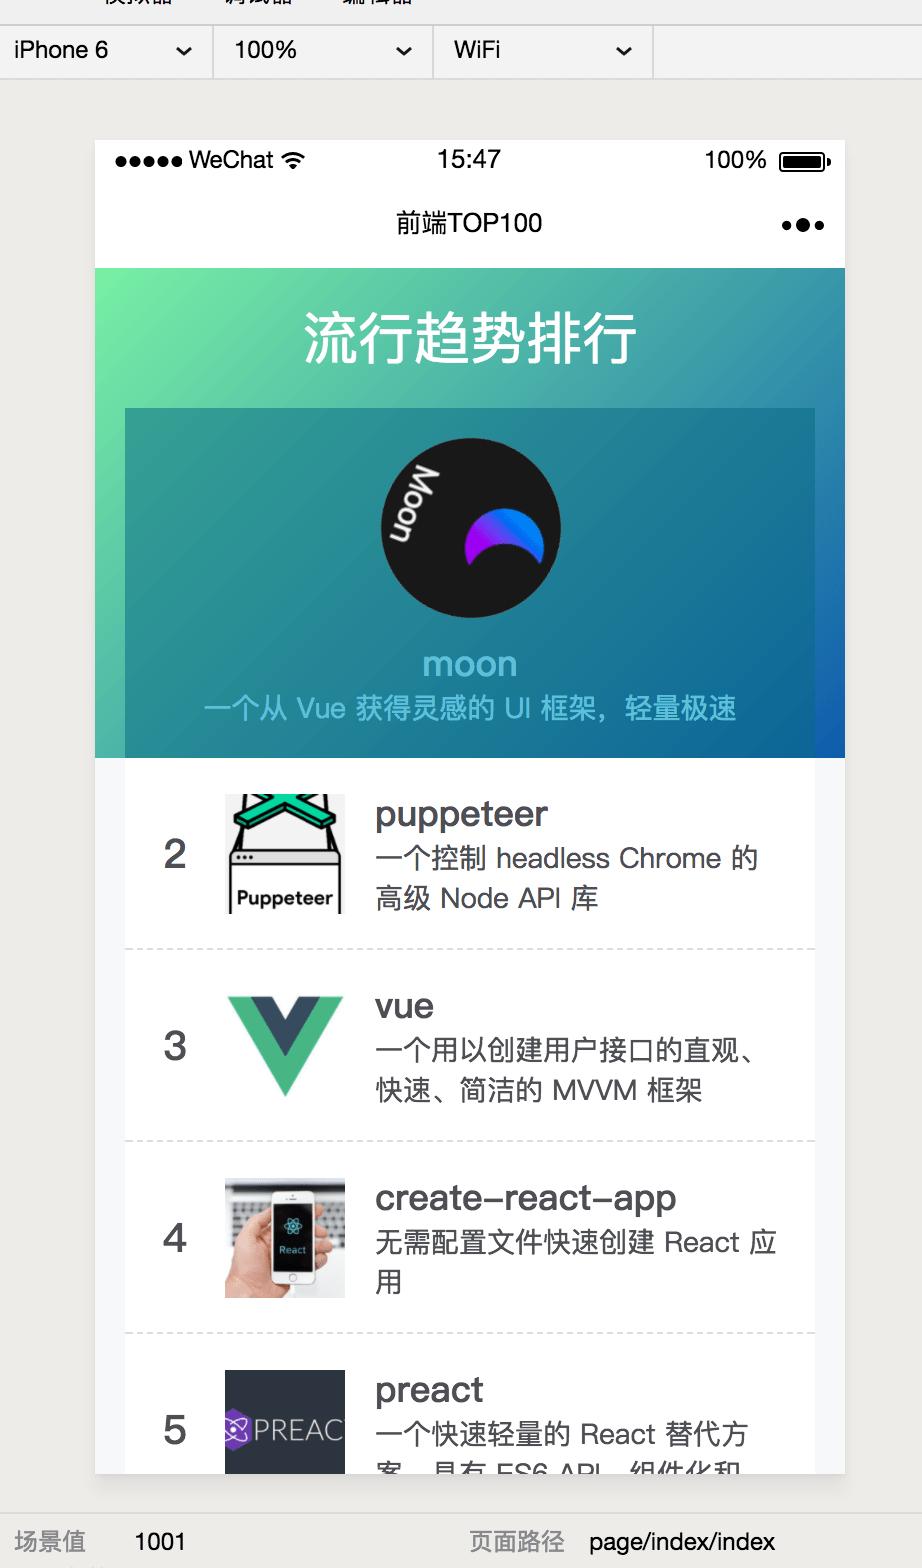 """GitHub - zhuweiyou/fetop100: 微信小程序 """"前端TOP100"""""""